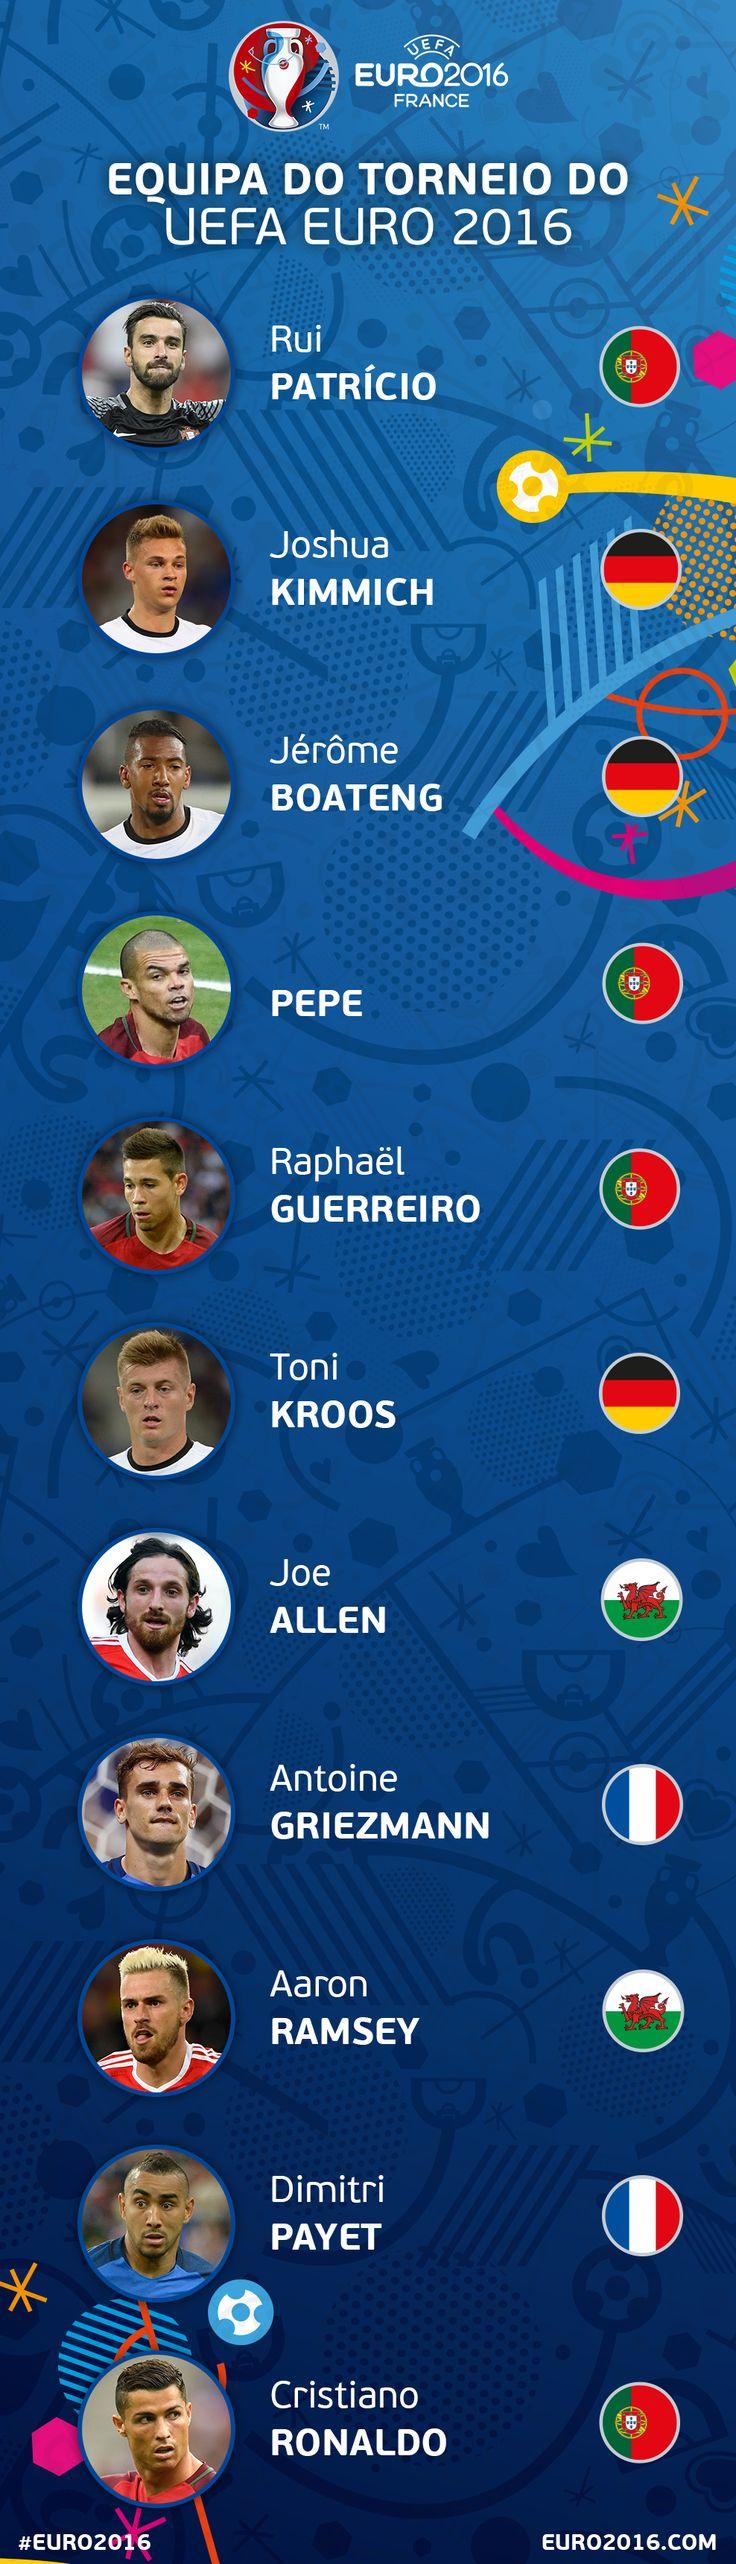 Revelada Equipa do Torneio do UEFA EURO 2016 - UEFA EURO - Notícias - UEFA.com